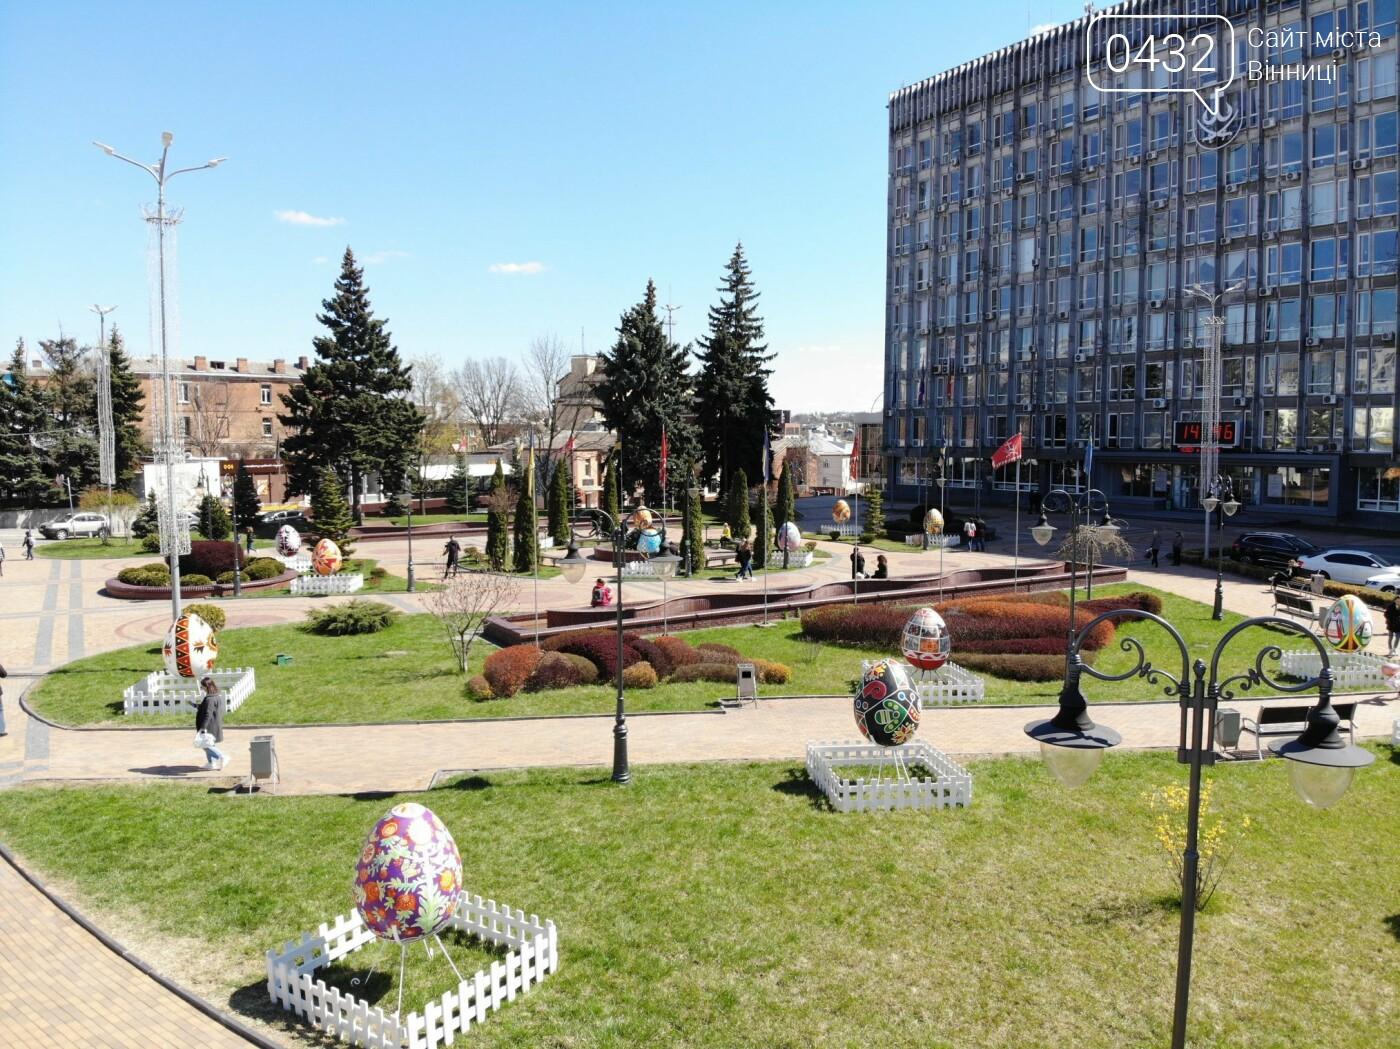 Великодня атмосфера у центрі Вінниці, фото-4